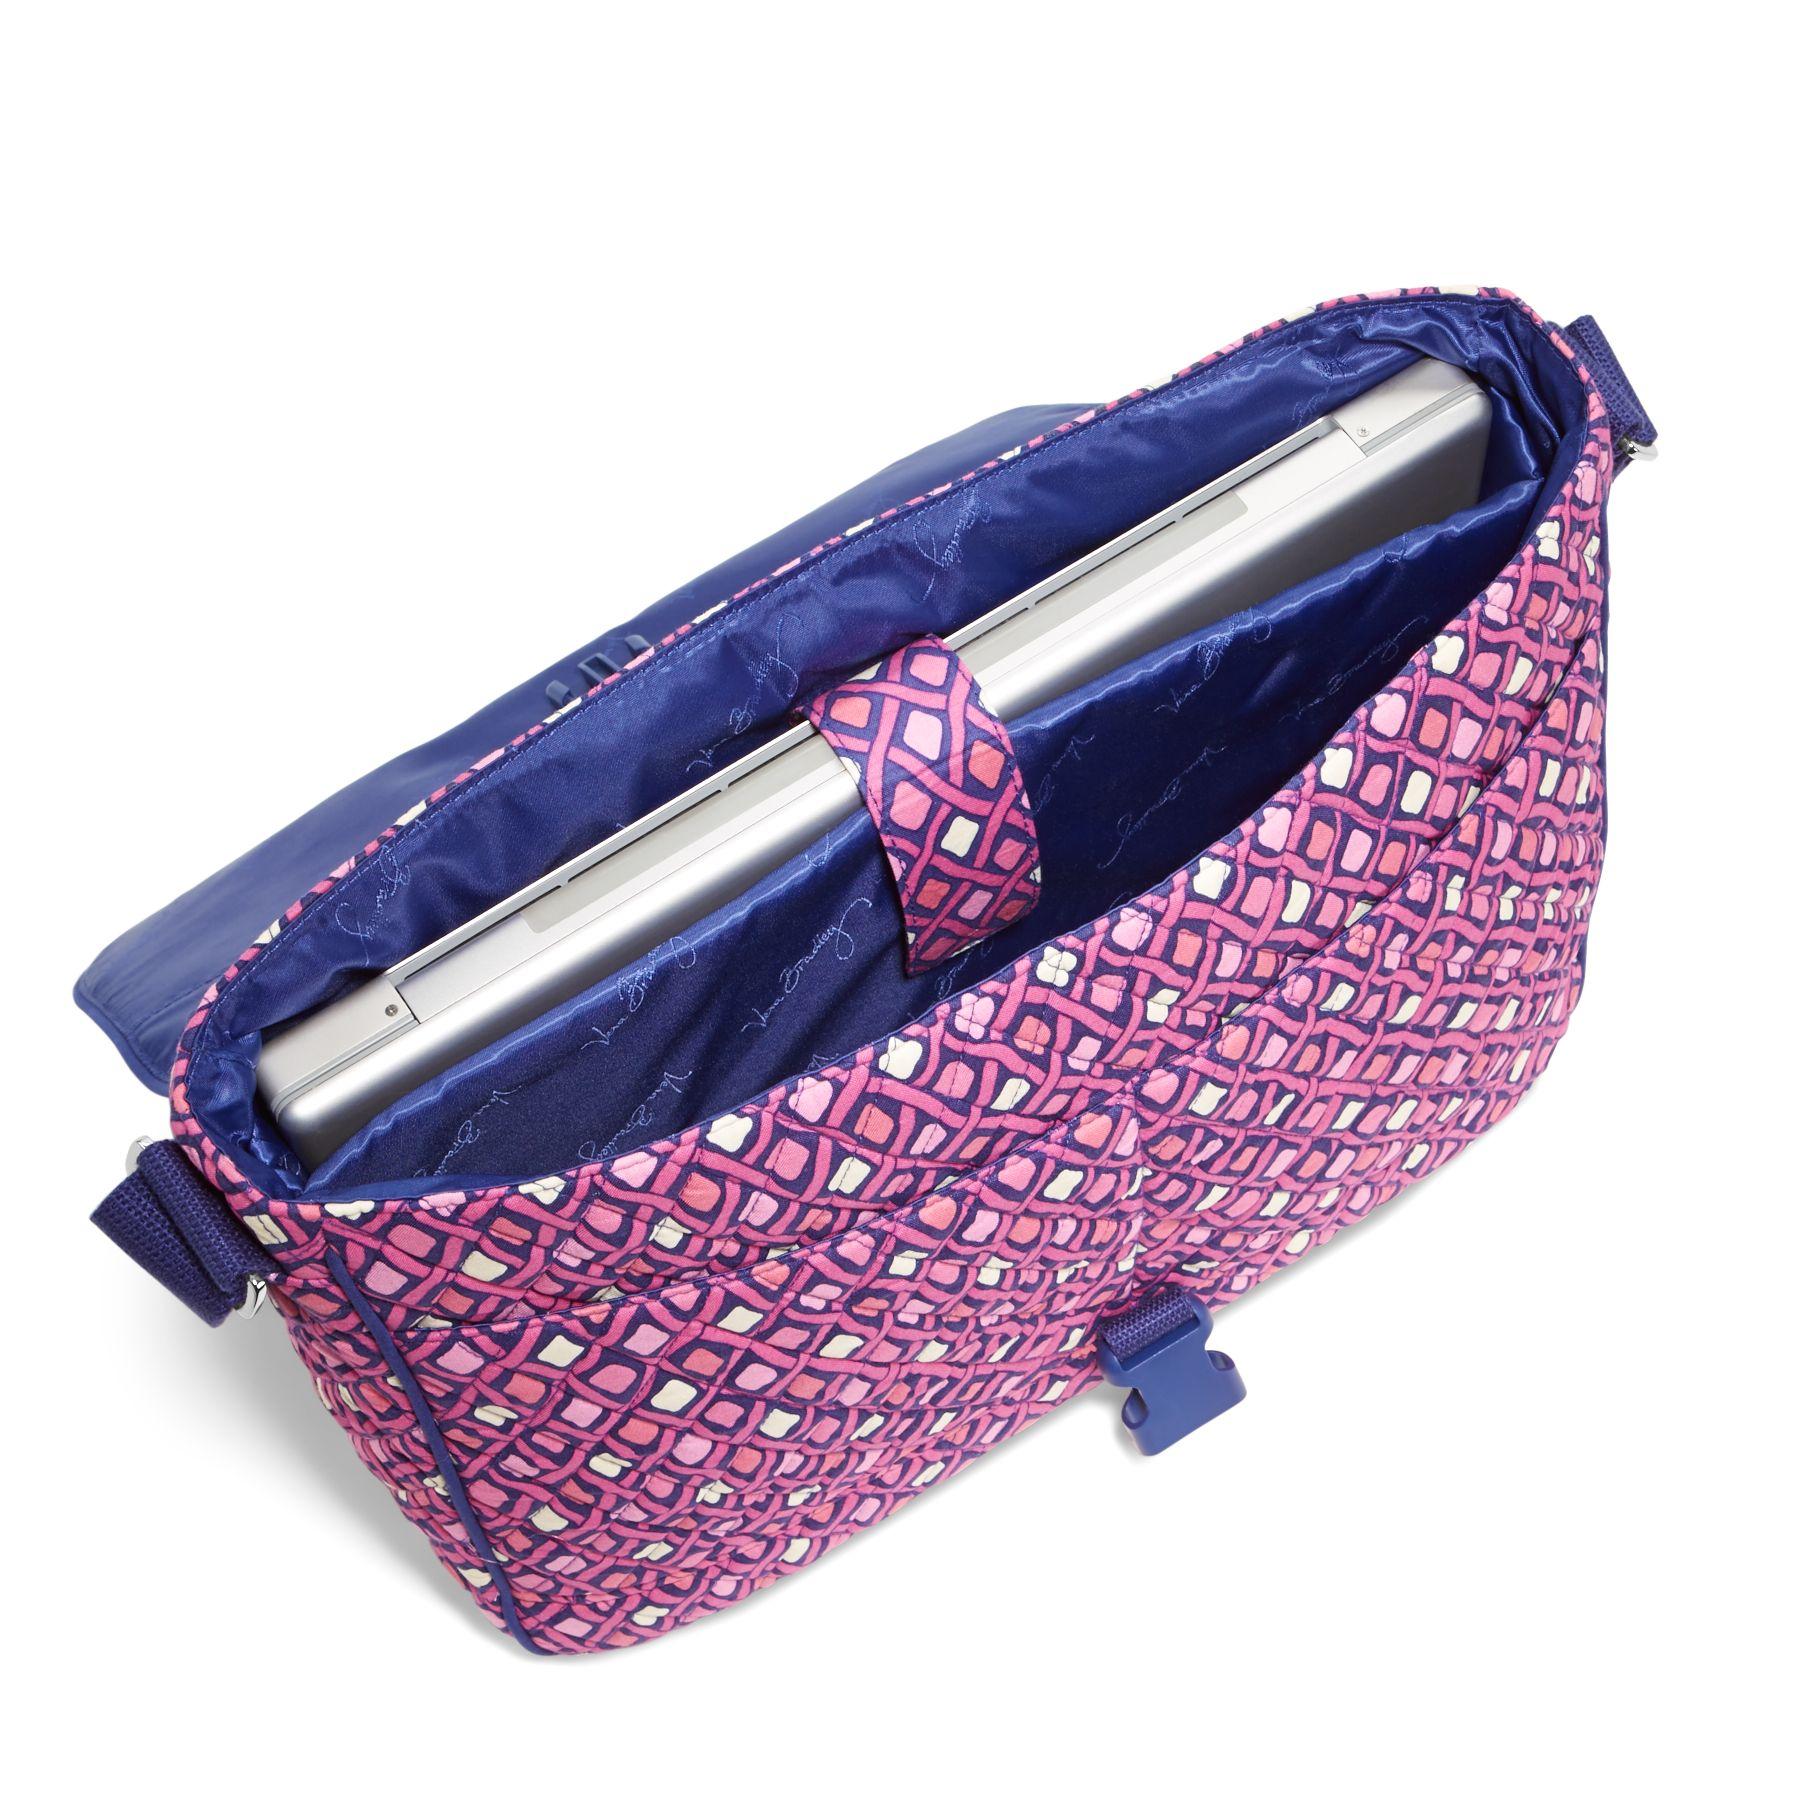 b6a1b8631a83 Vera Bradley Laptop Messenger Bag